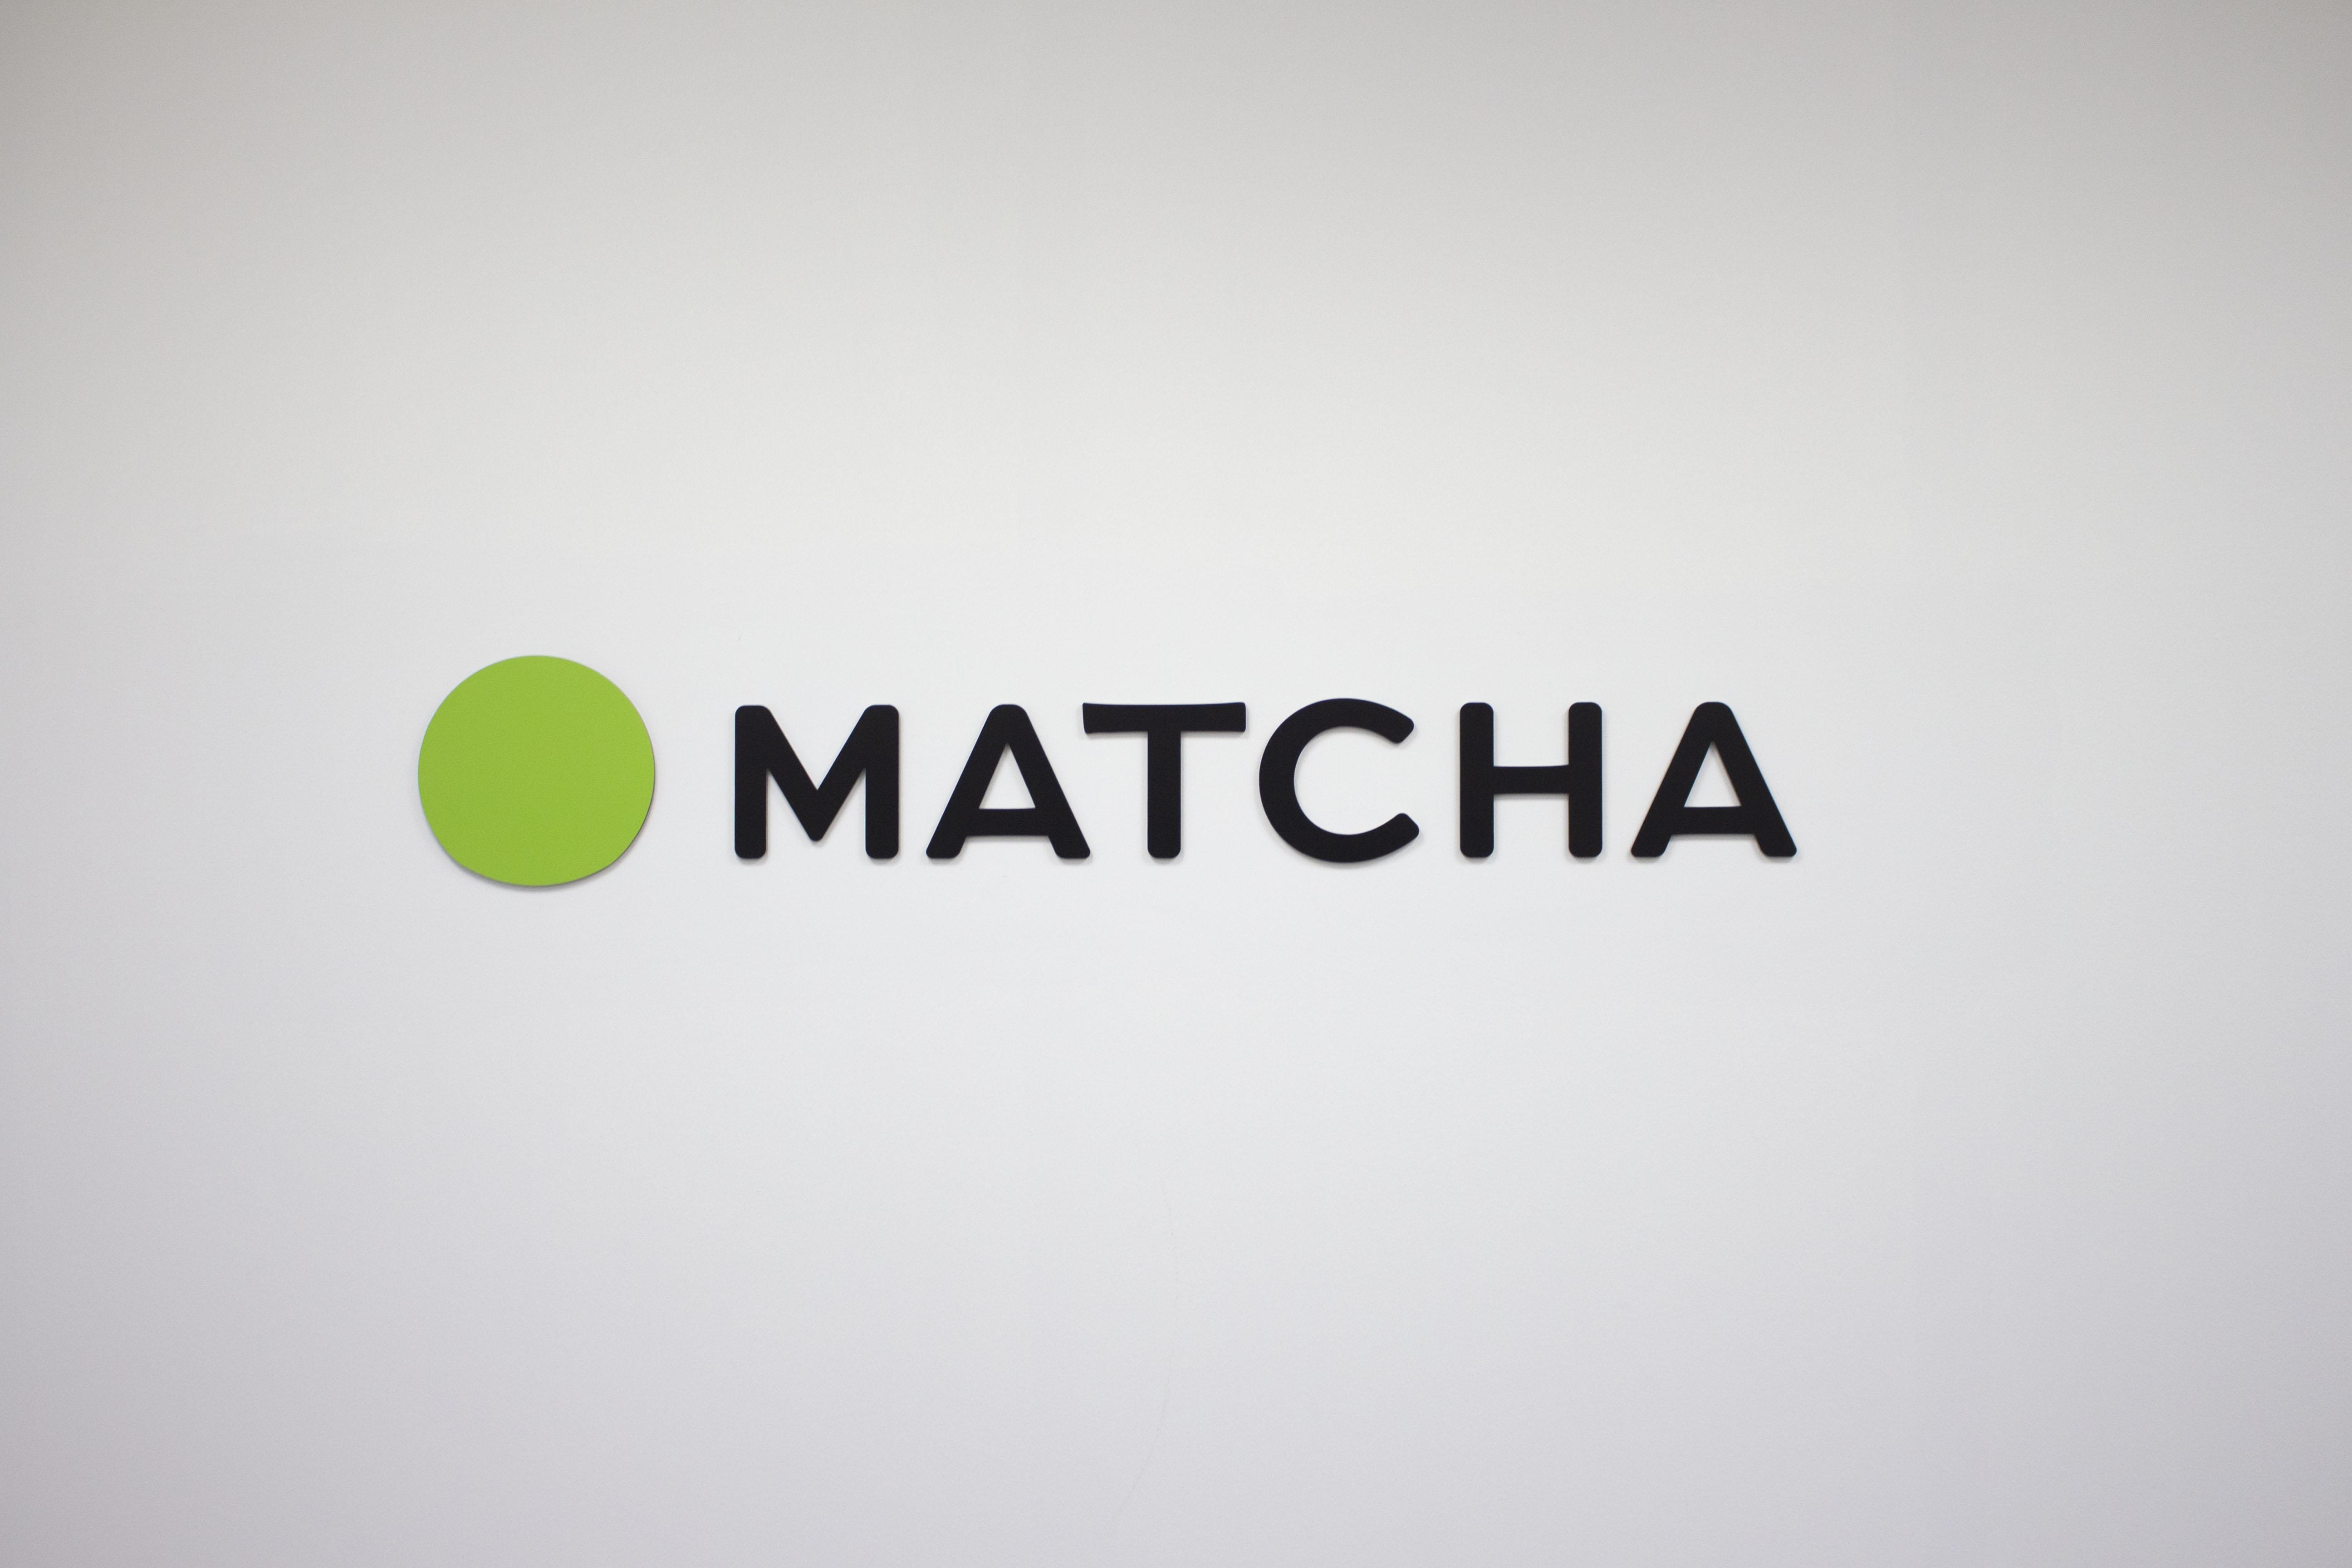 株式会社MATCHA/日本の魅力を世界へ届けることで、 日本の素晴らしい文化を残していきたい。